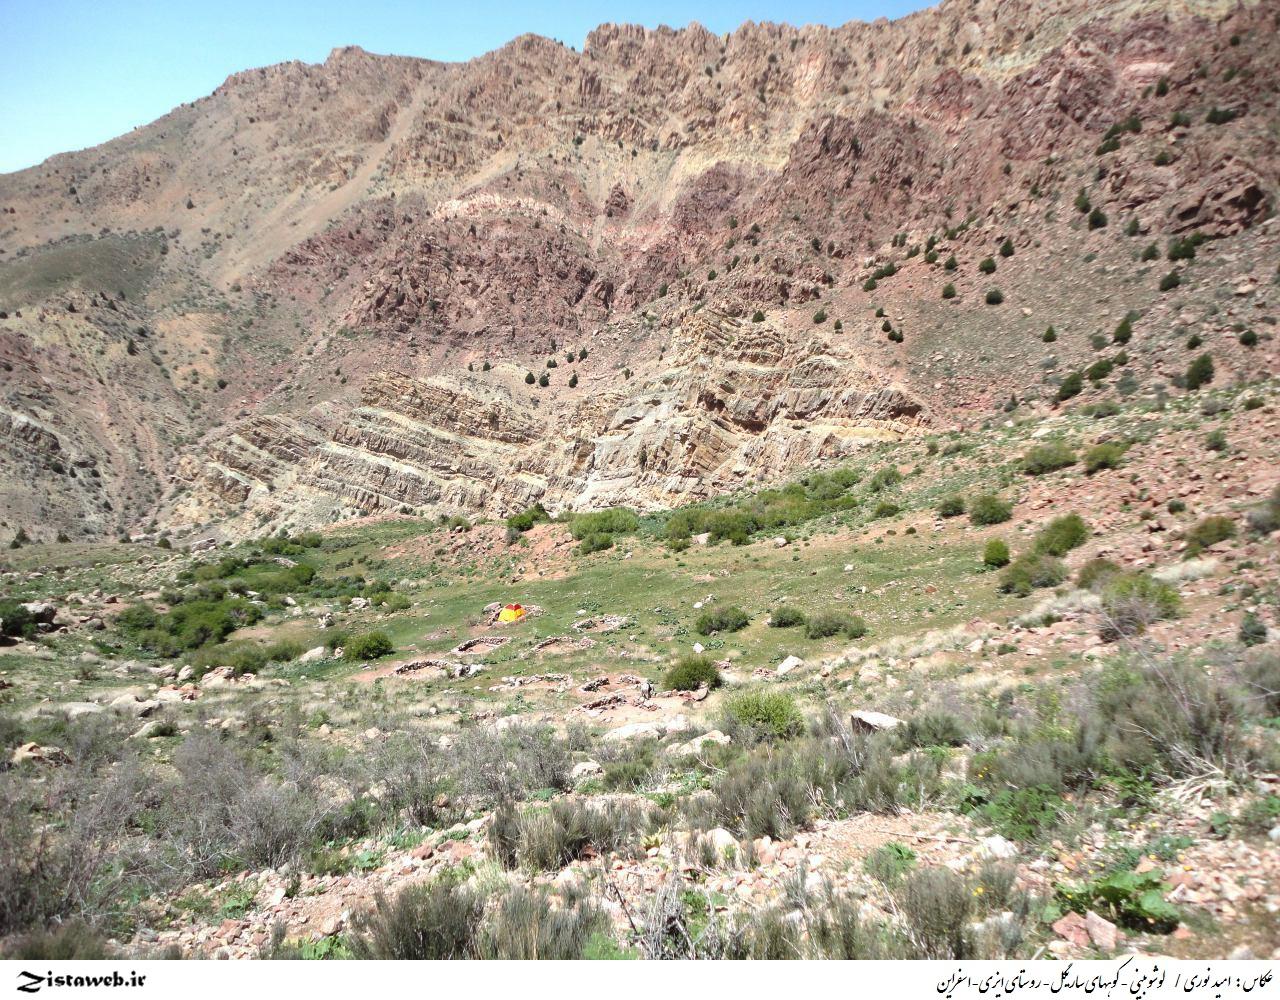 لوشوبینی - کوههای ساریگل- روستای ایزی-اسفراین / عکاس : امید نوری اسفراین